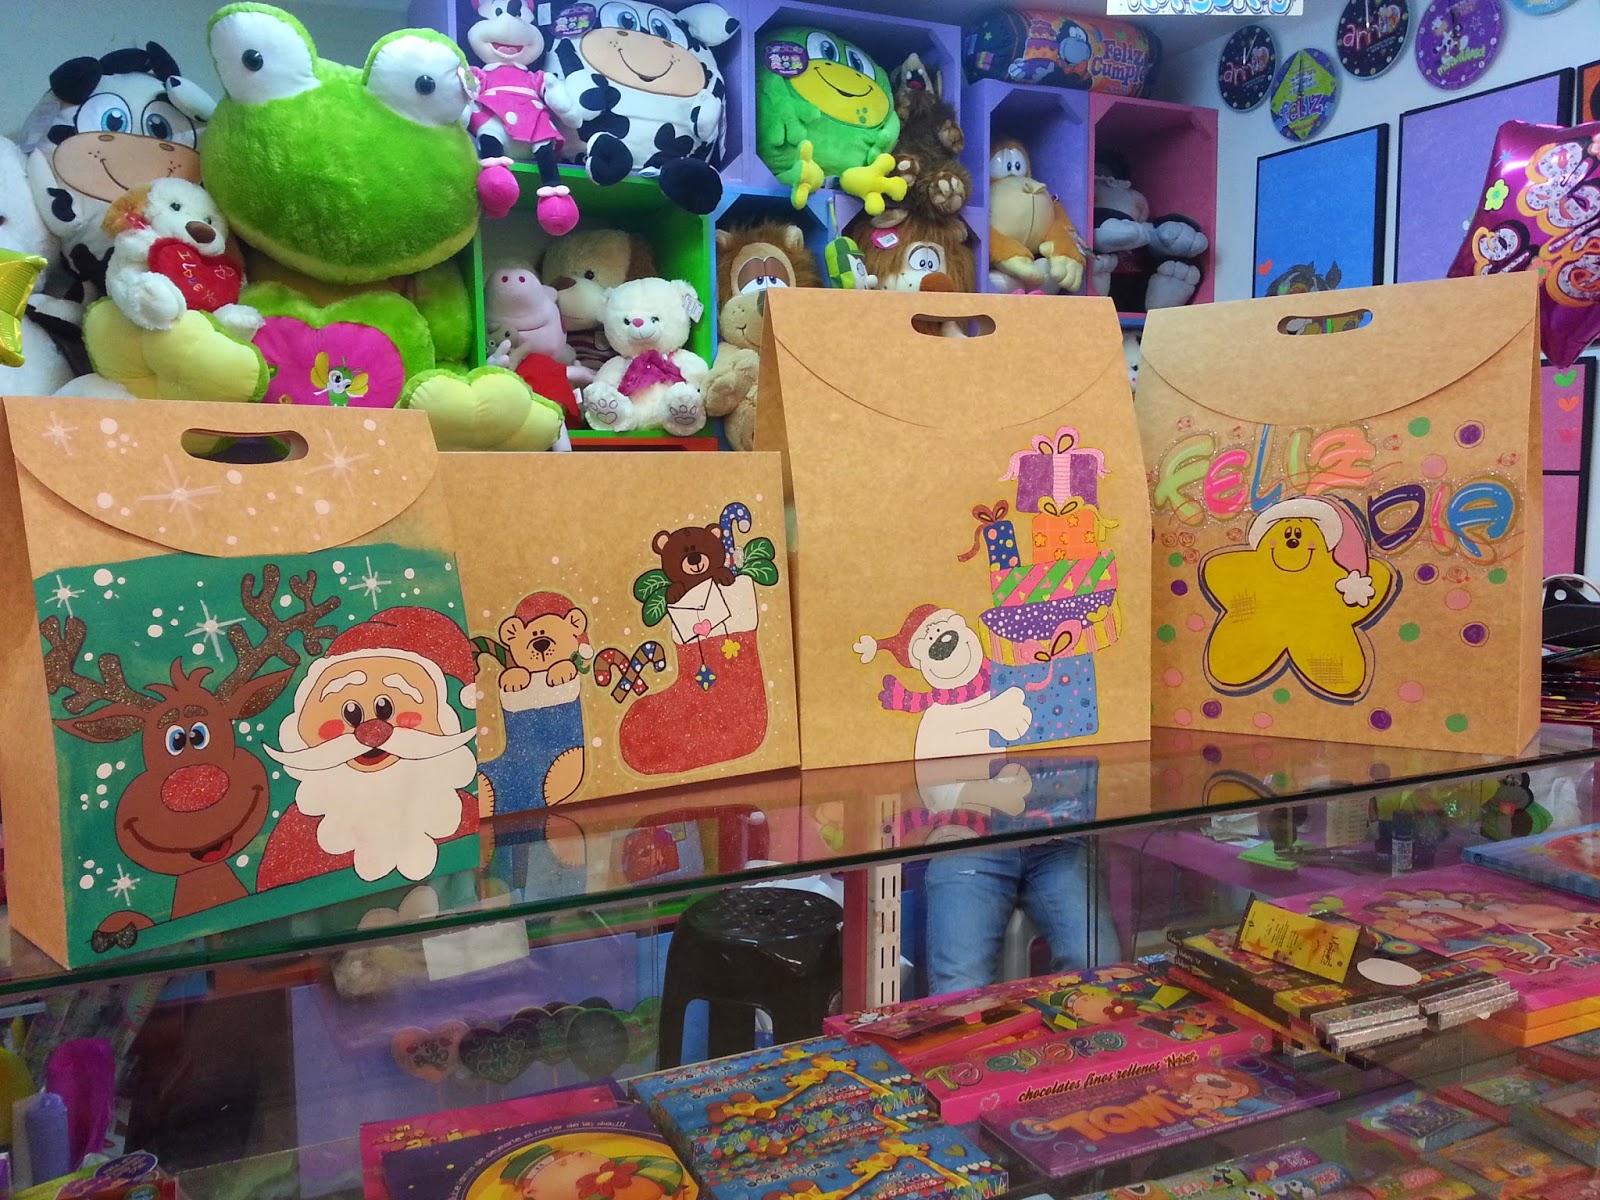 Compras de regalos originales y detalles regalos - Regalos originales decoracion ...